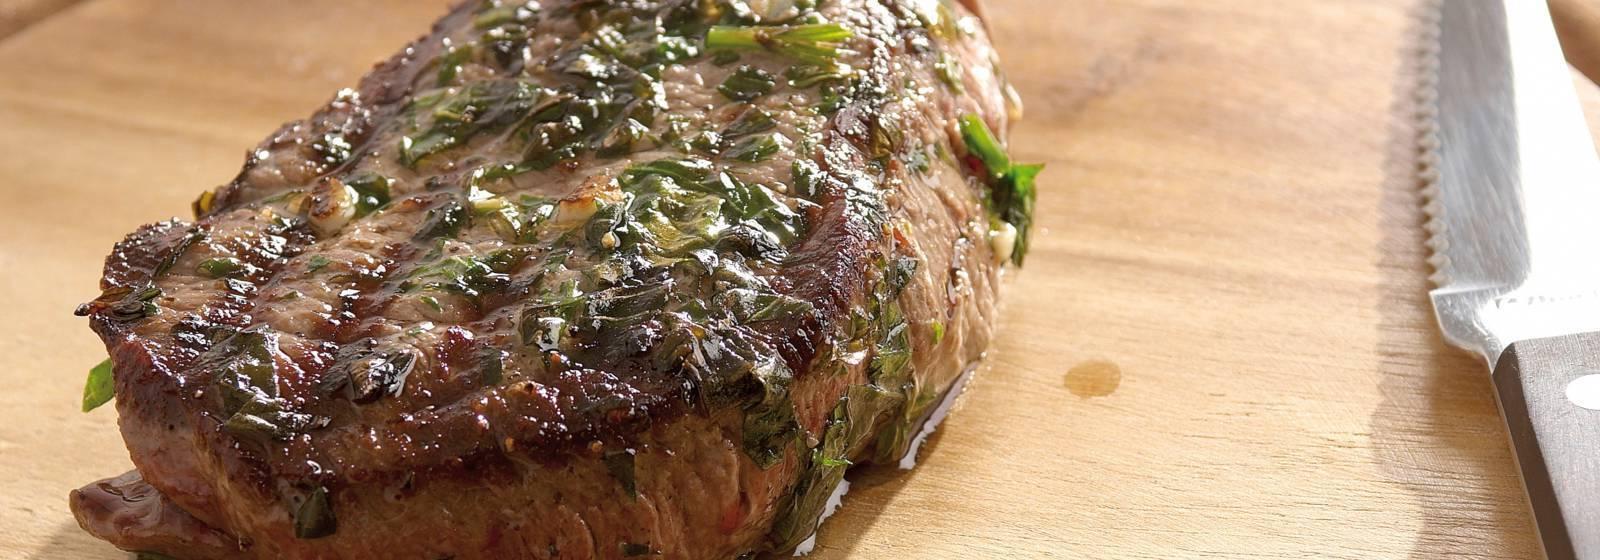 Bitki yağı ile biftek